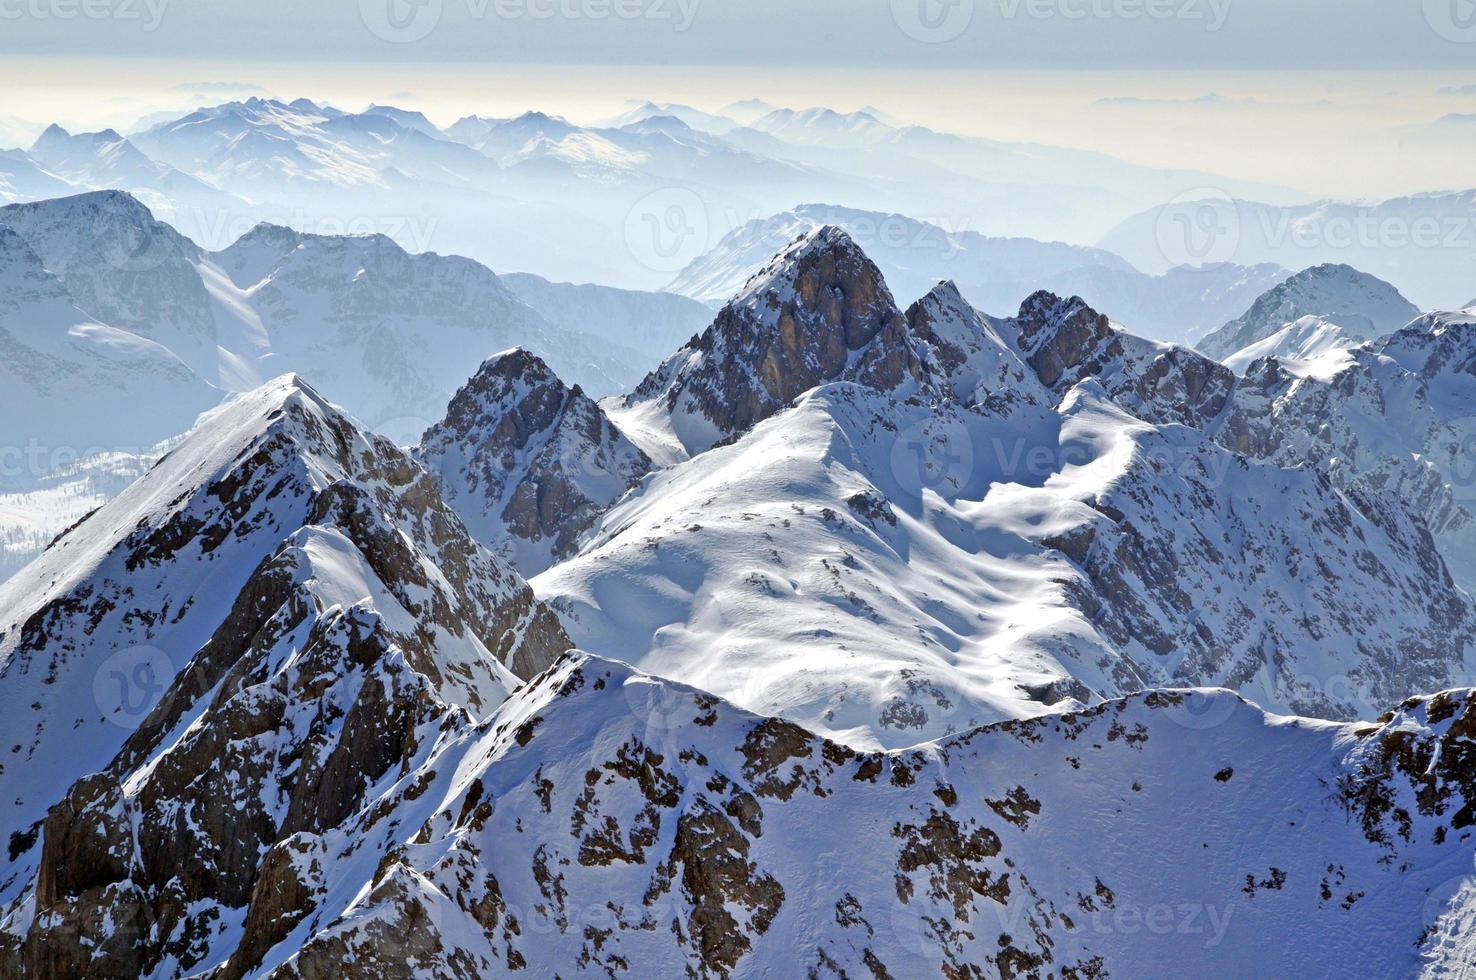 paisagem de inverno montanha foto